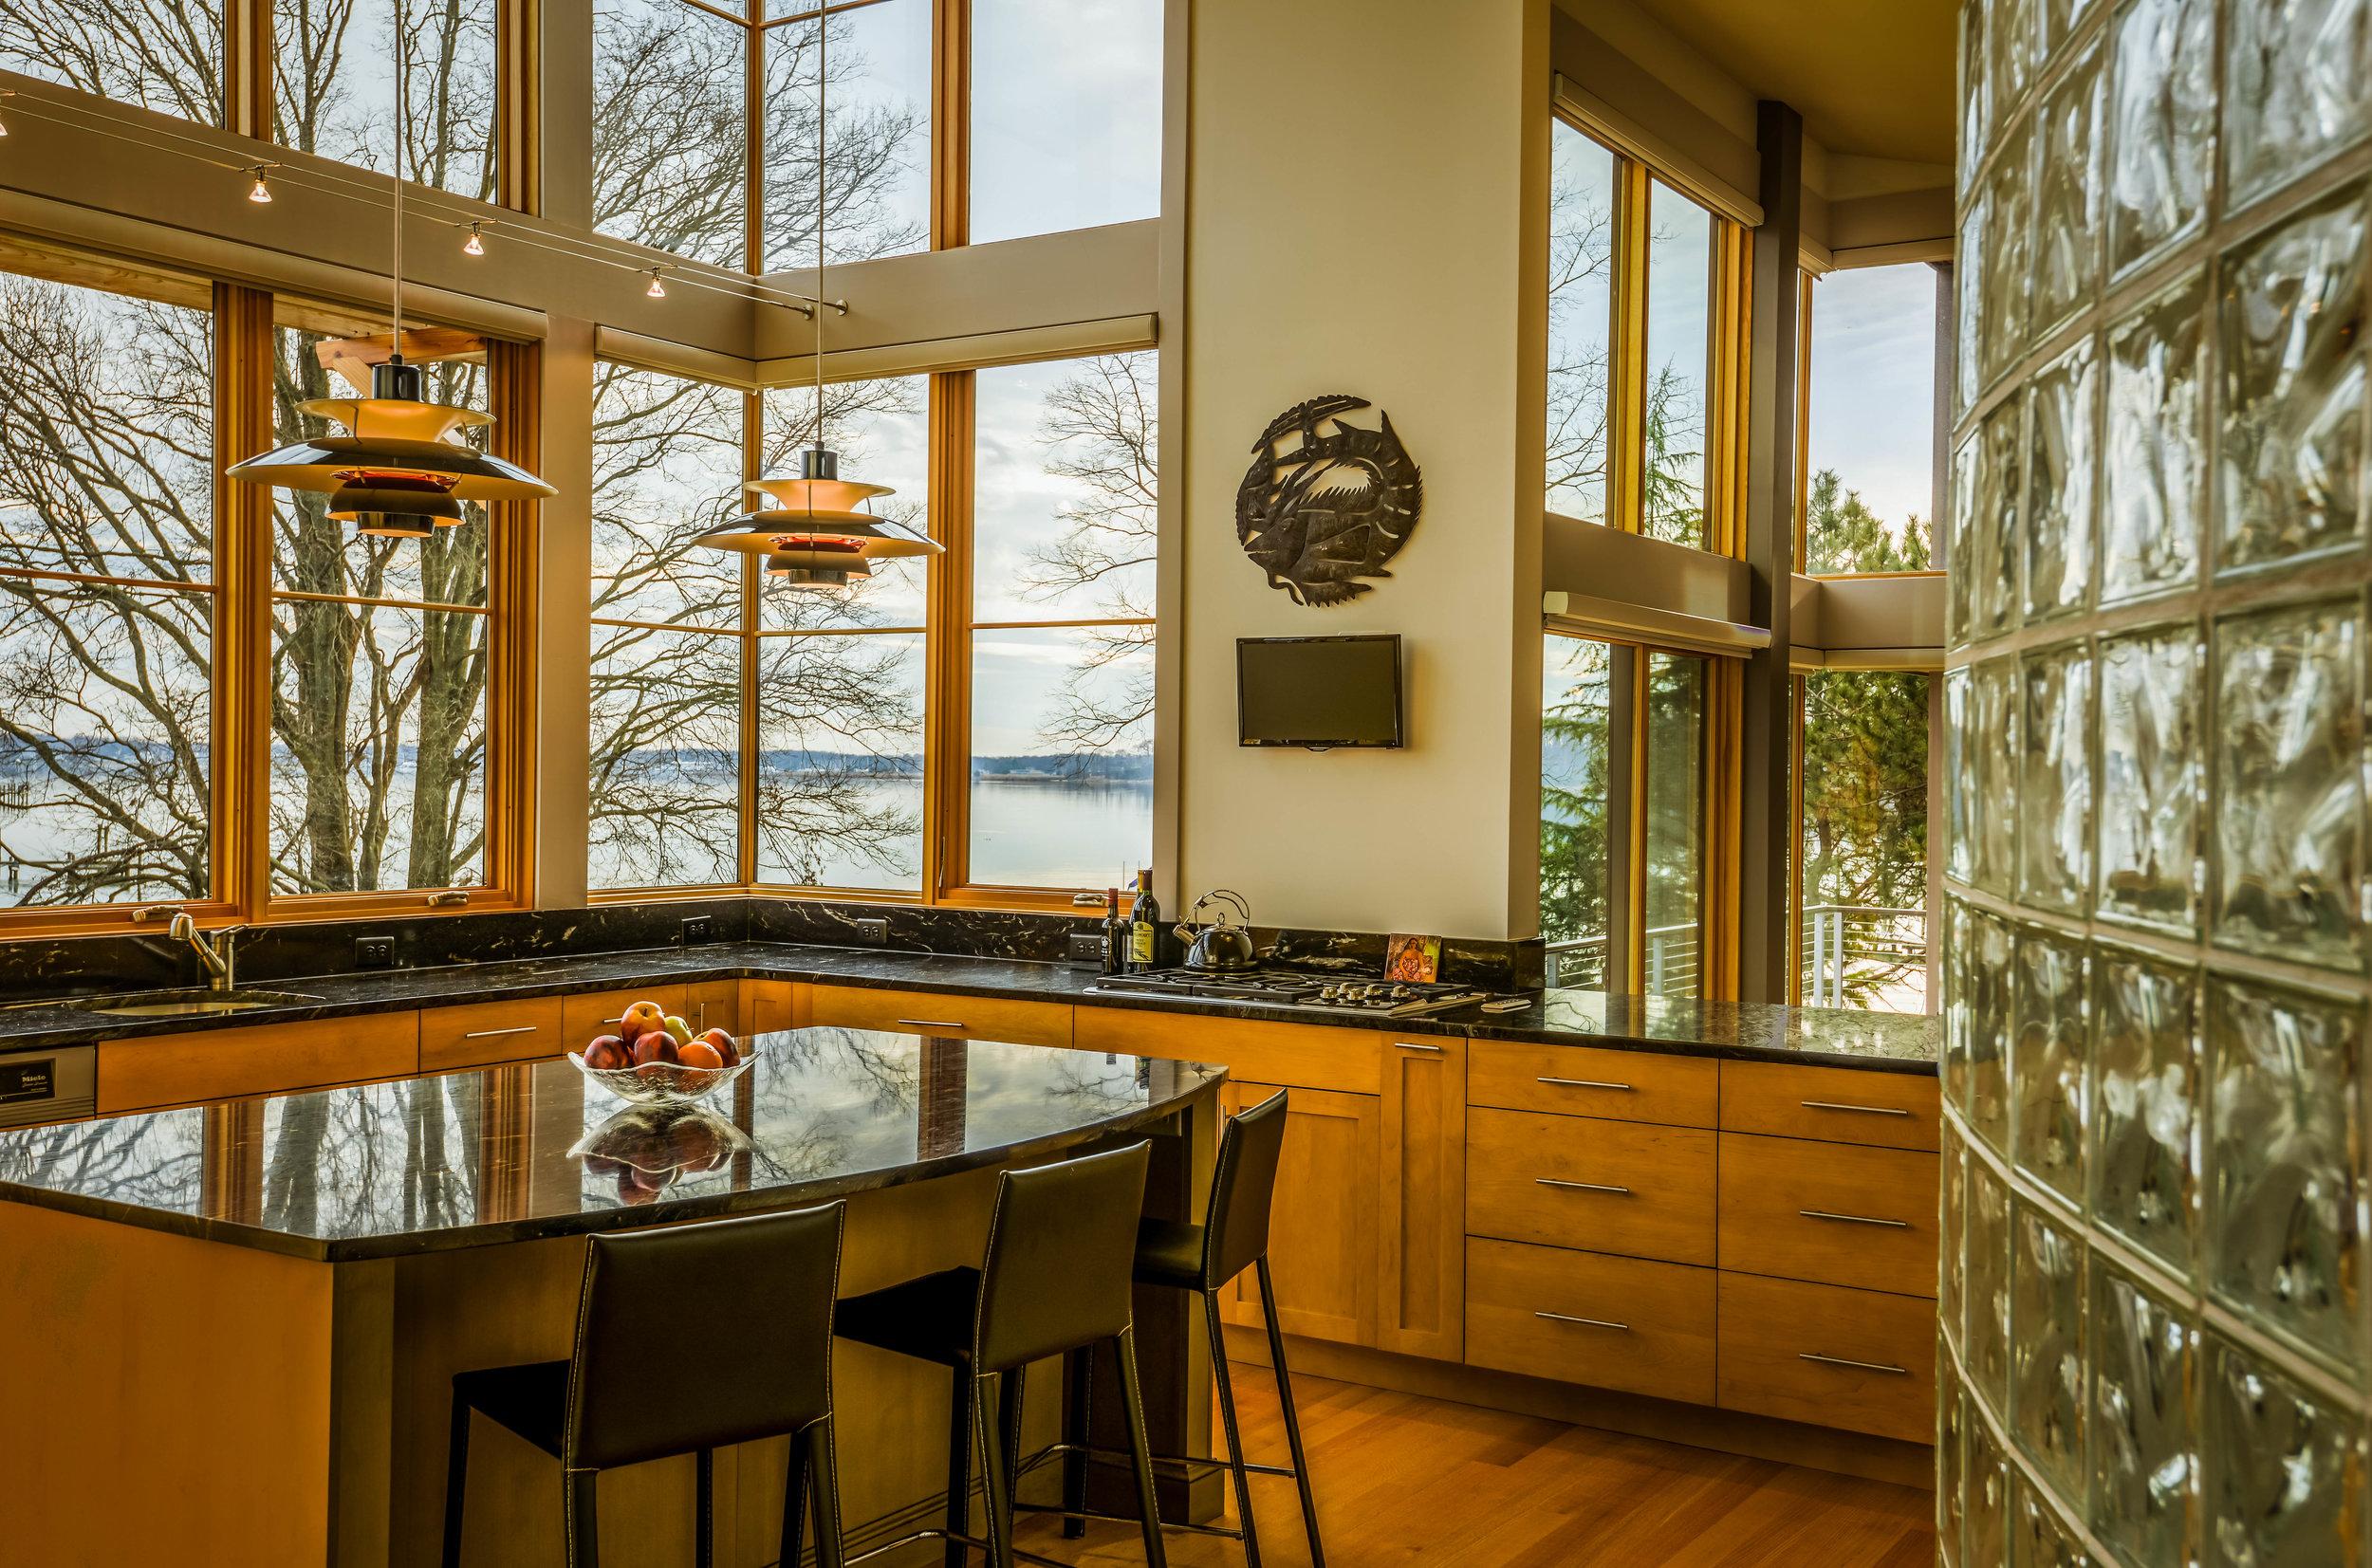 hdr kitchen 2.jpg